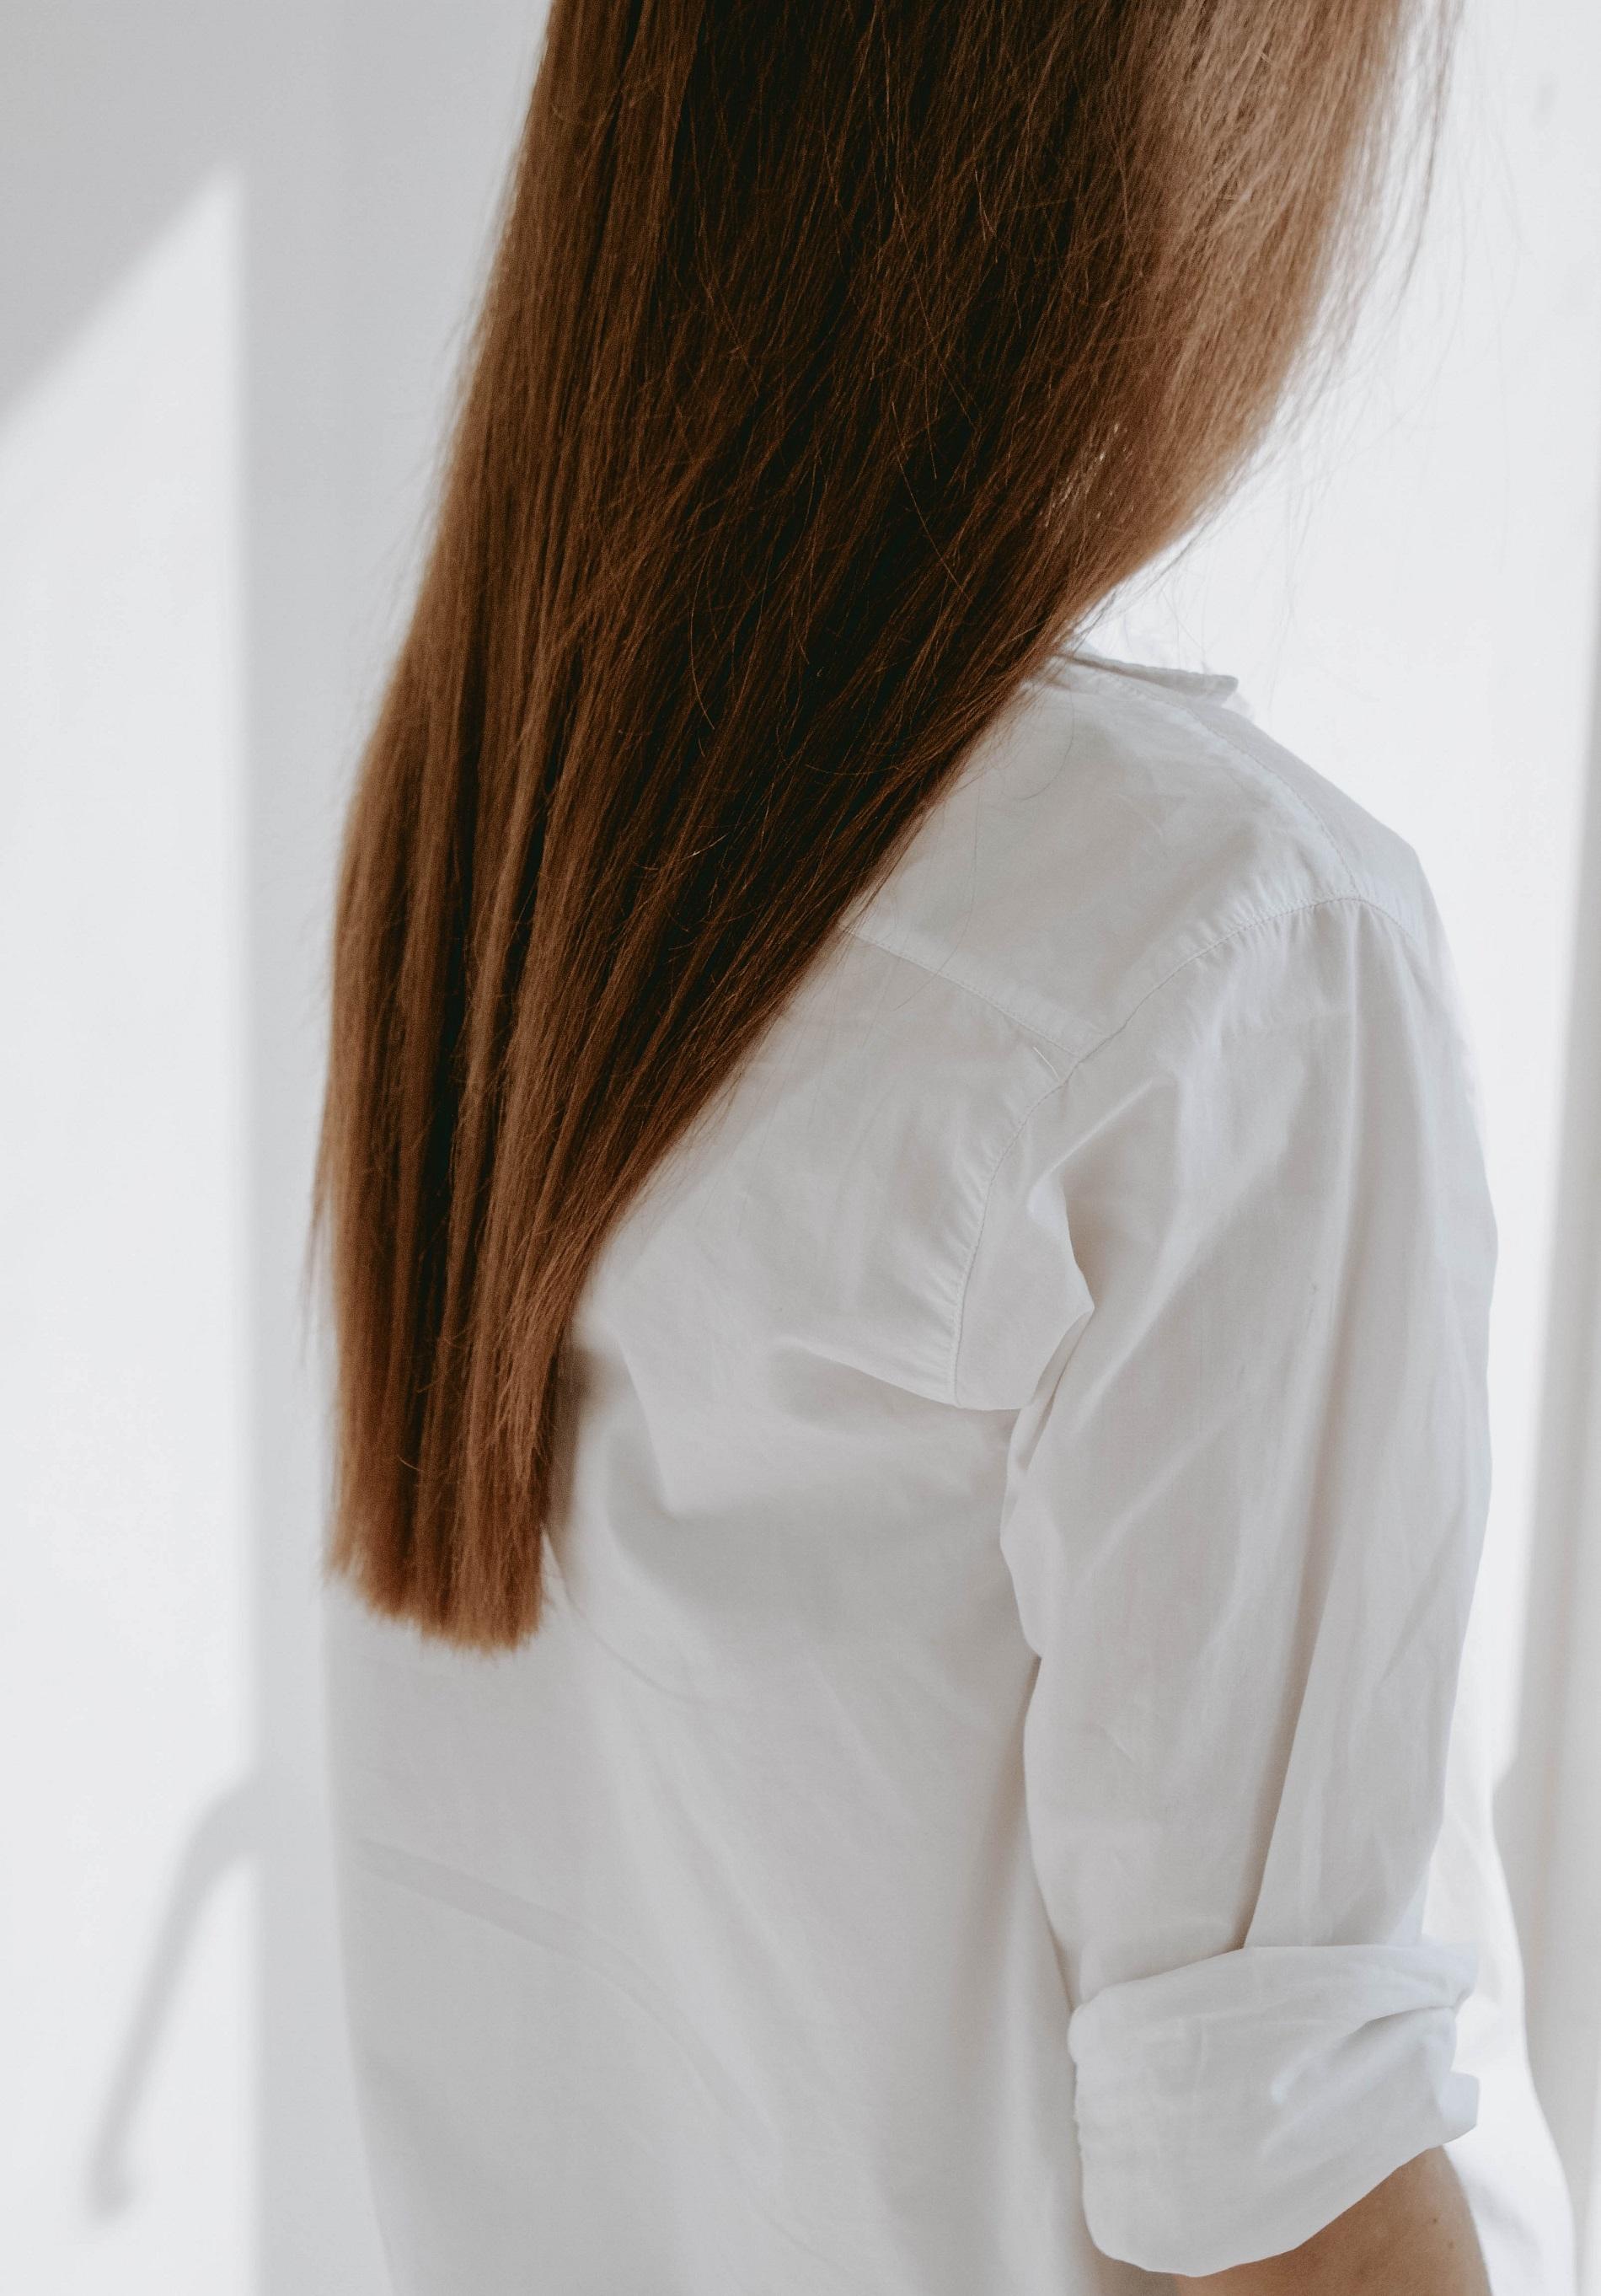 Что точно не стоит наносить на волосы-Фото 2